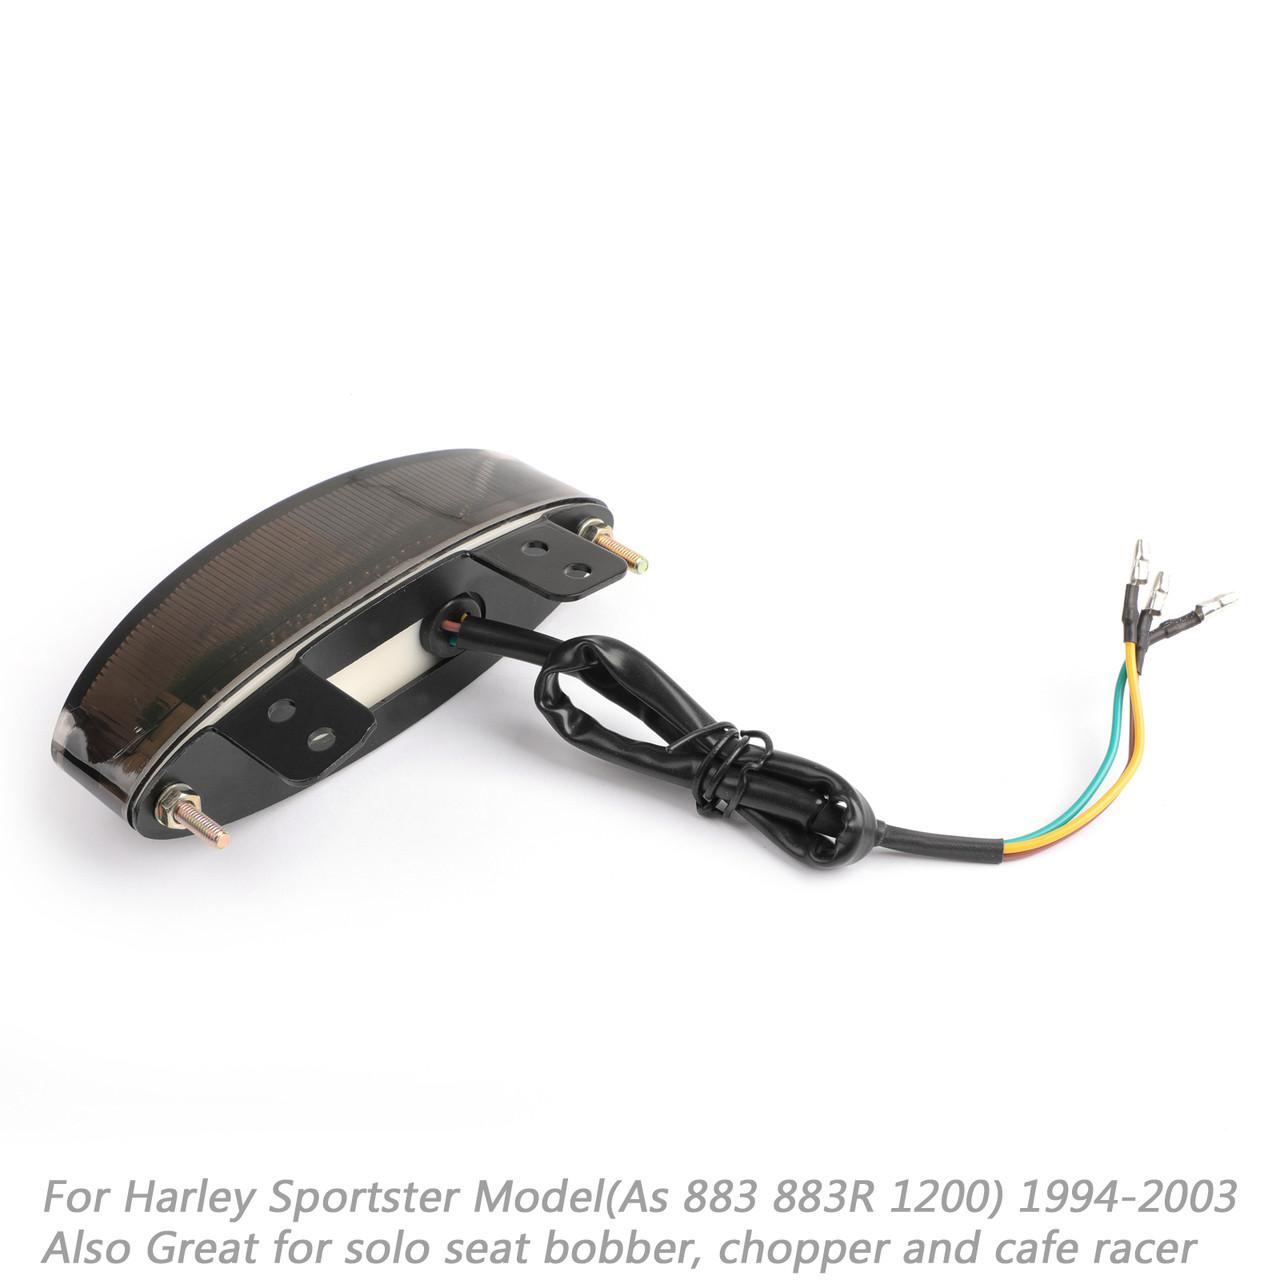 LED Rear Fender Edge Tail Light For Harley Sportster 883 1200 XL 1994-2003 Smoke